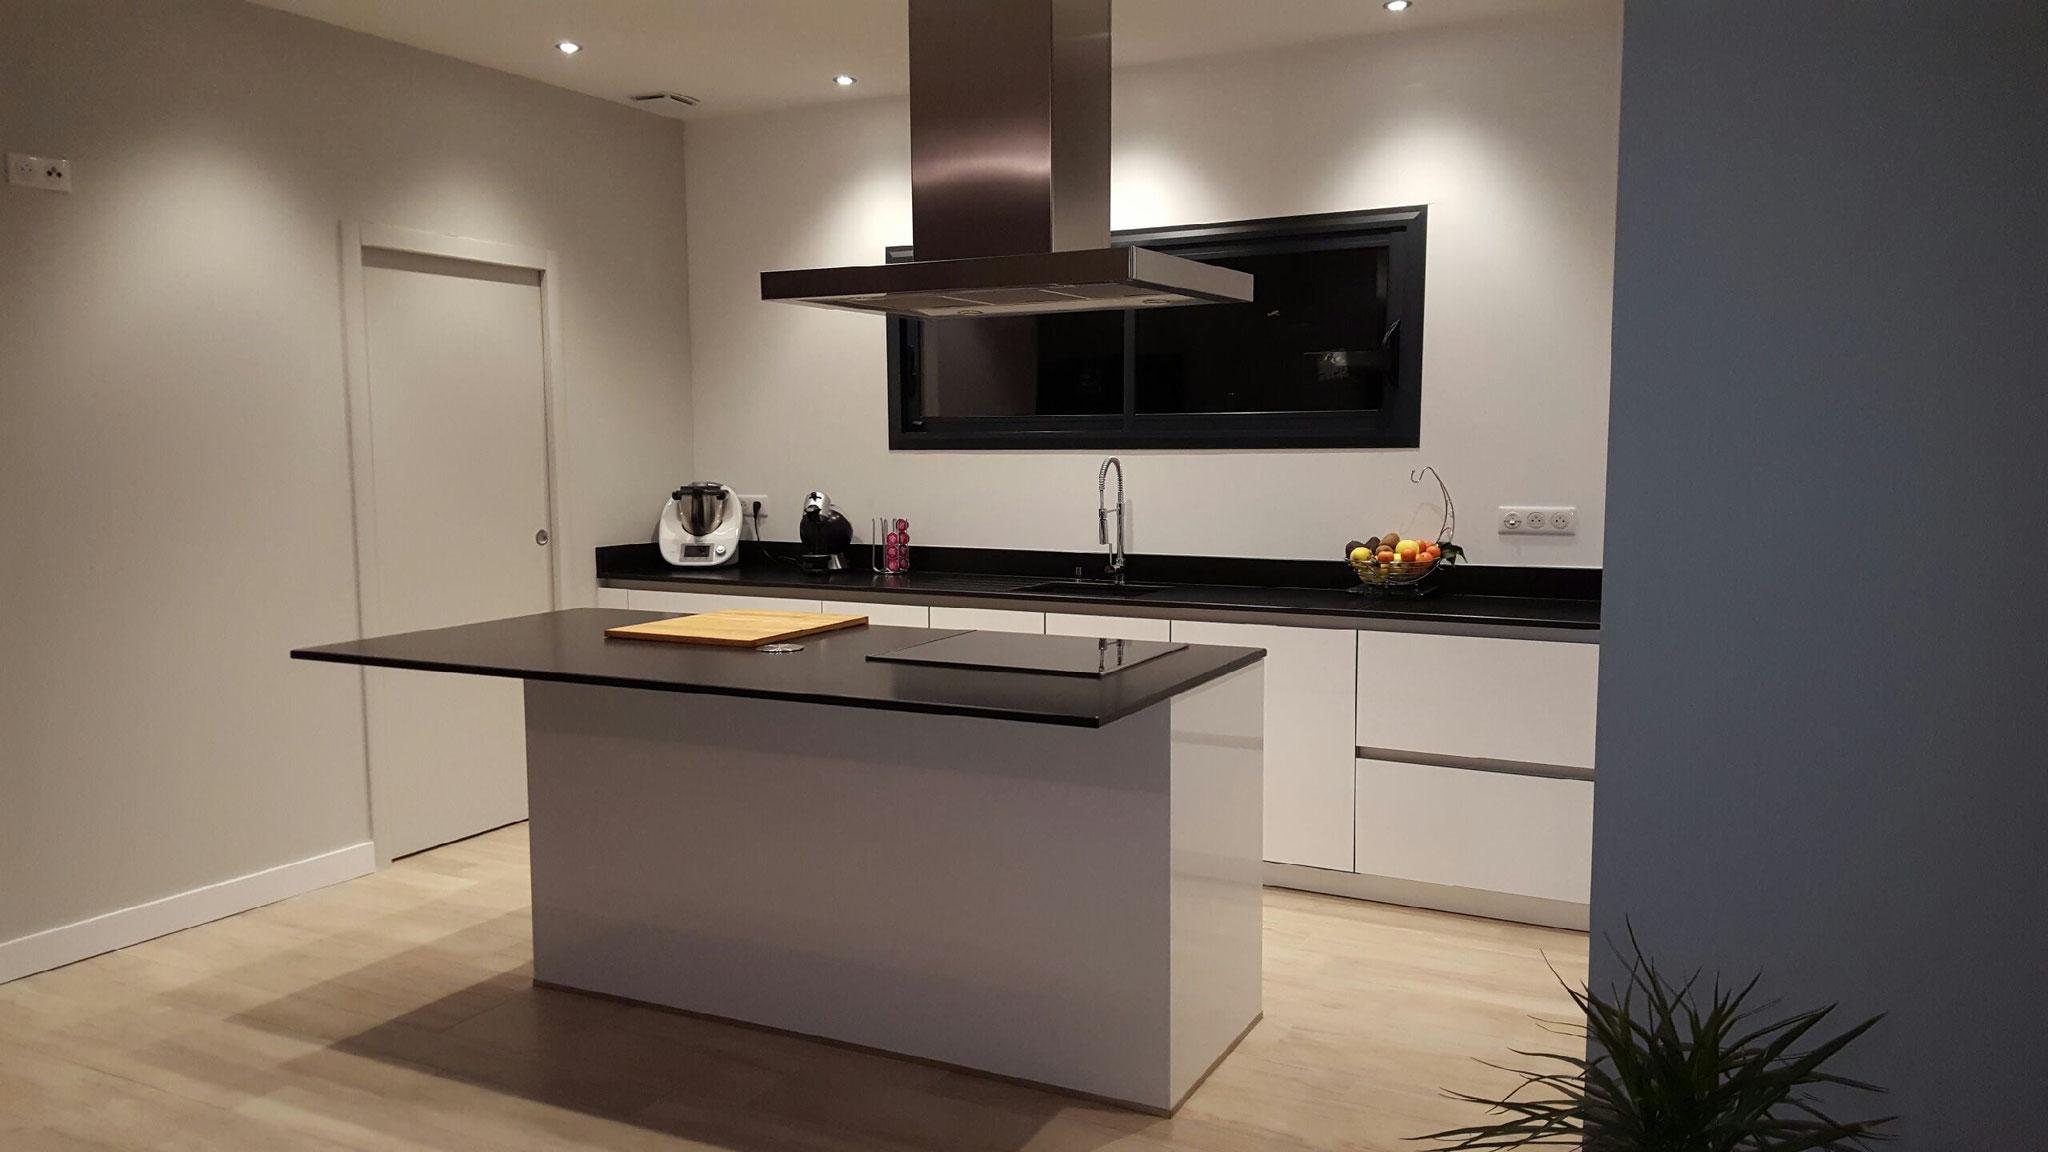 cuisine contemporaine blanche avec mur d'armoire sans poignée